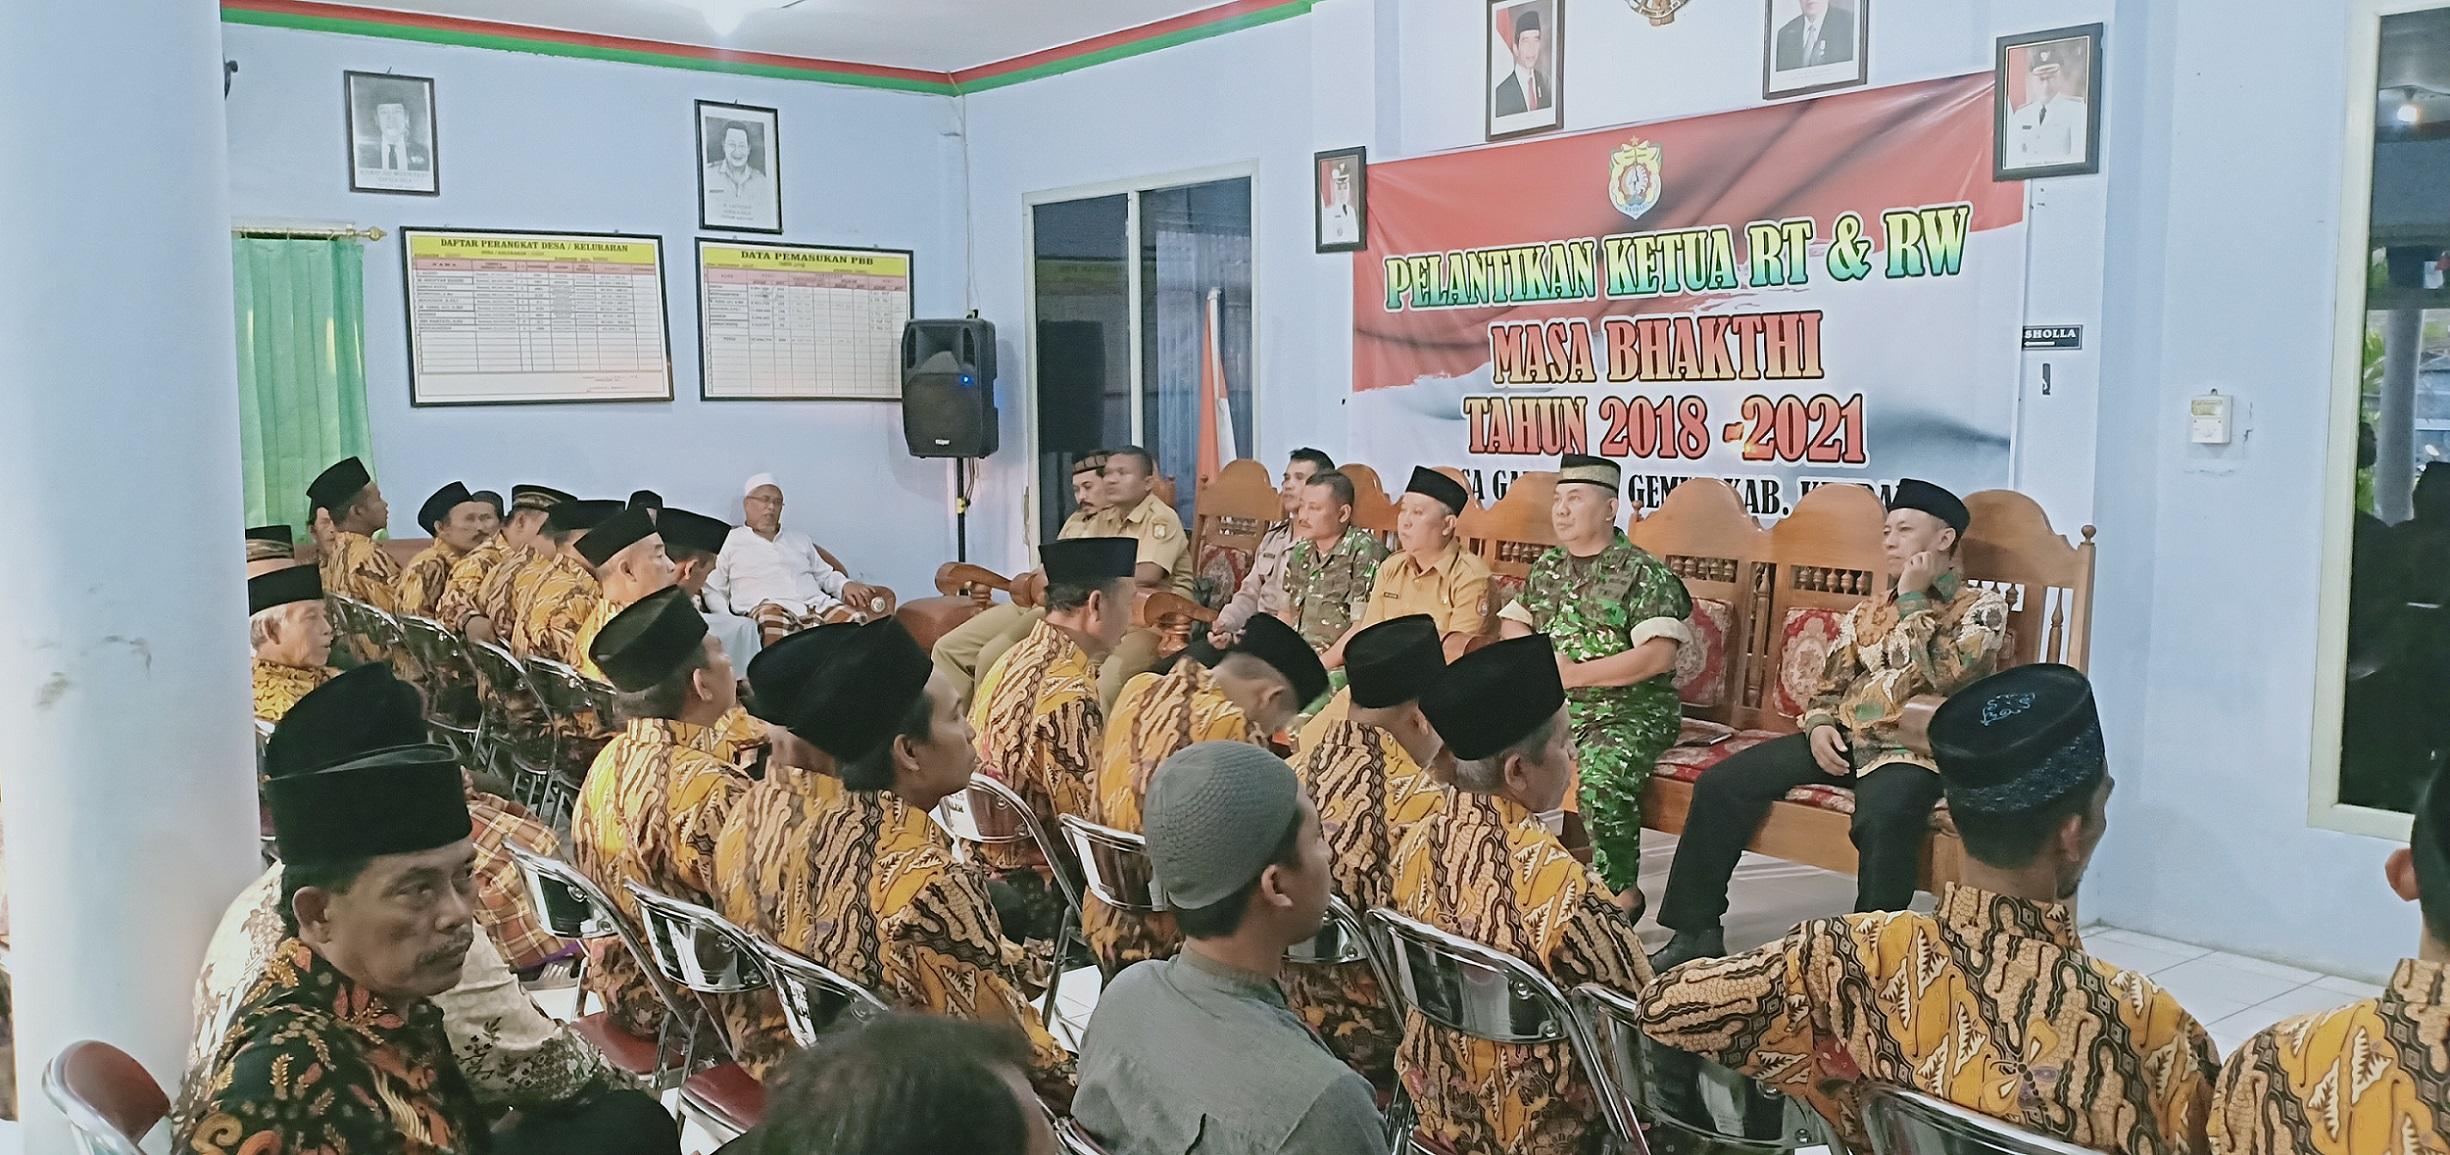 Pemerintah Desa Galih Lantik Ketua RT & Ketua RW Masa Bakti 2018 - 2021